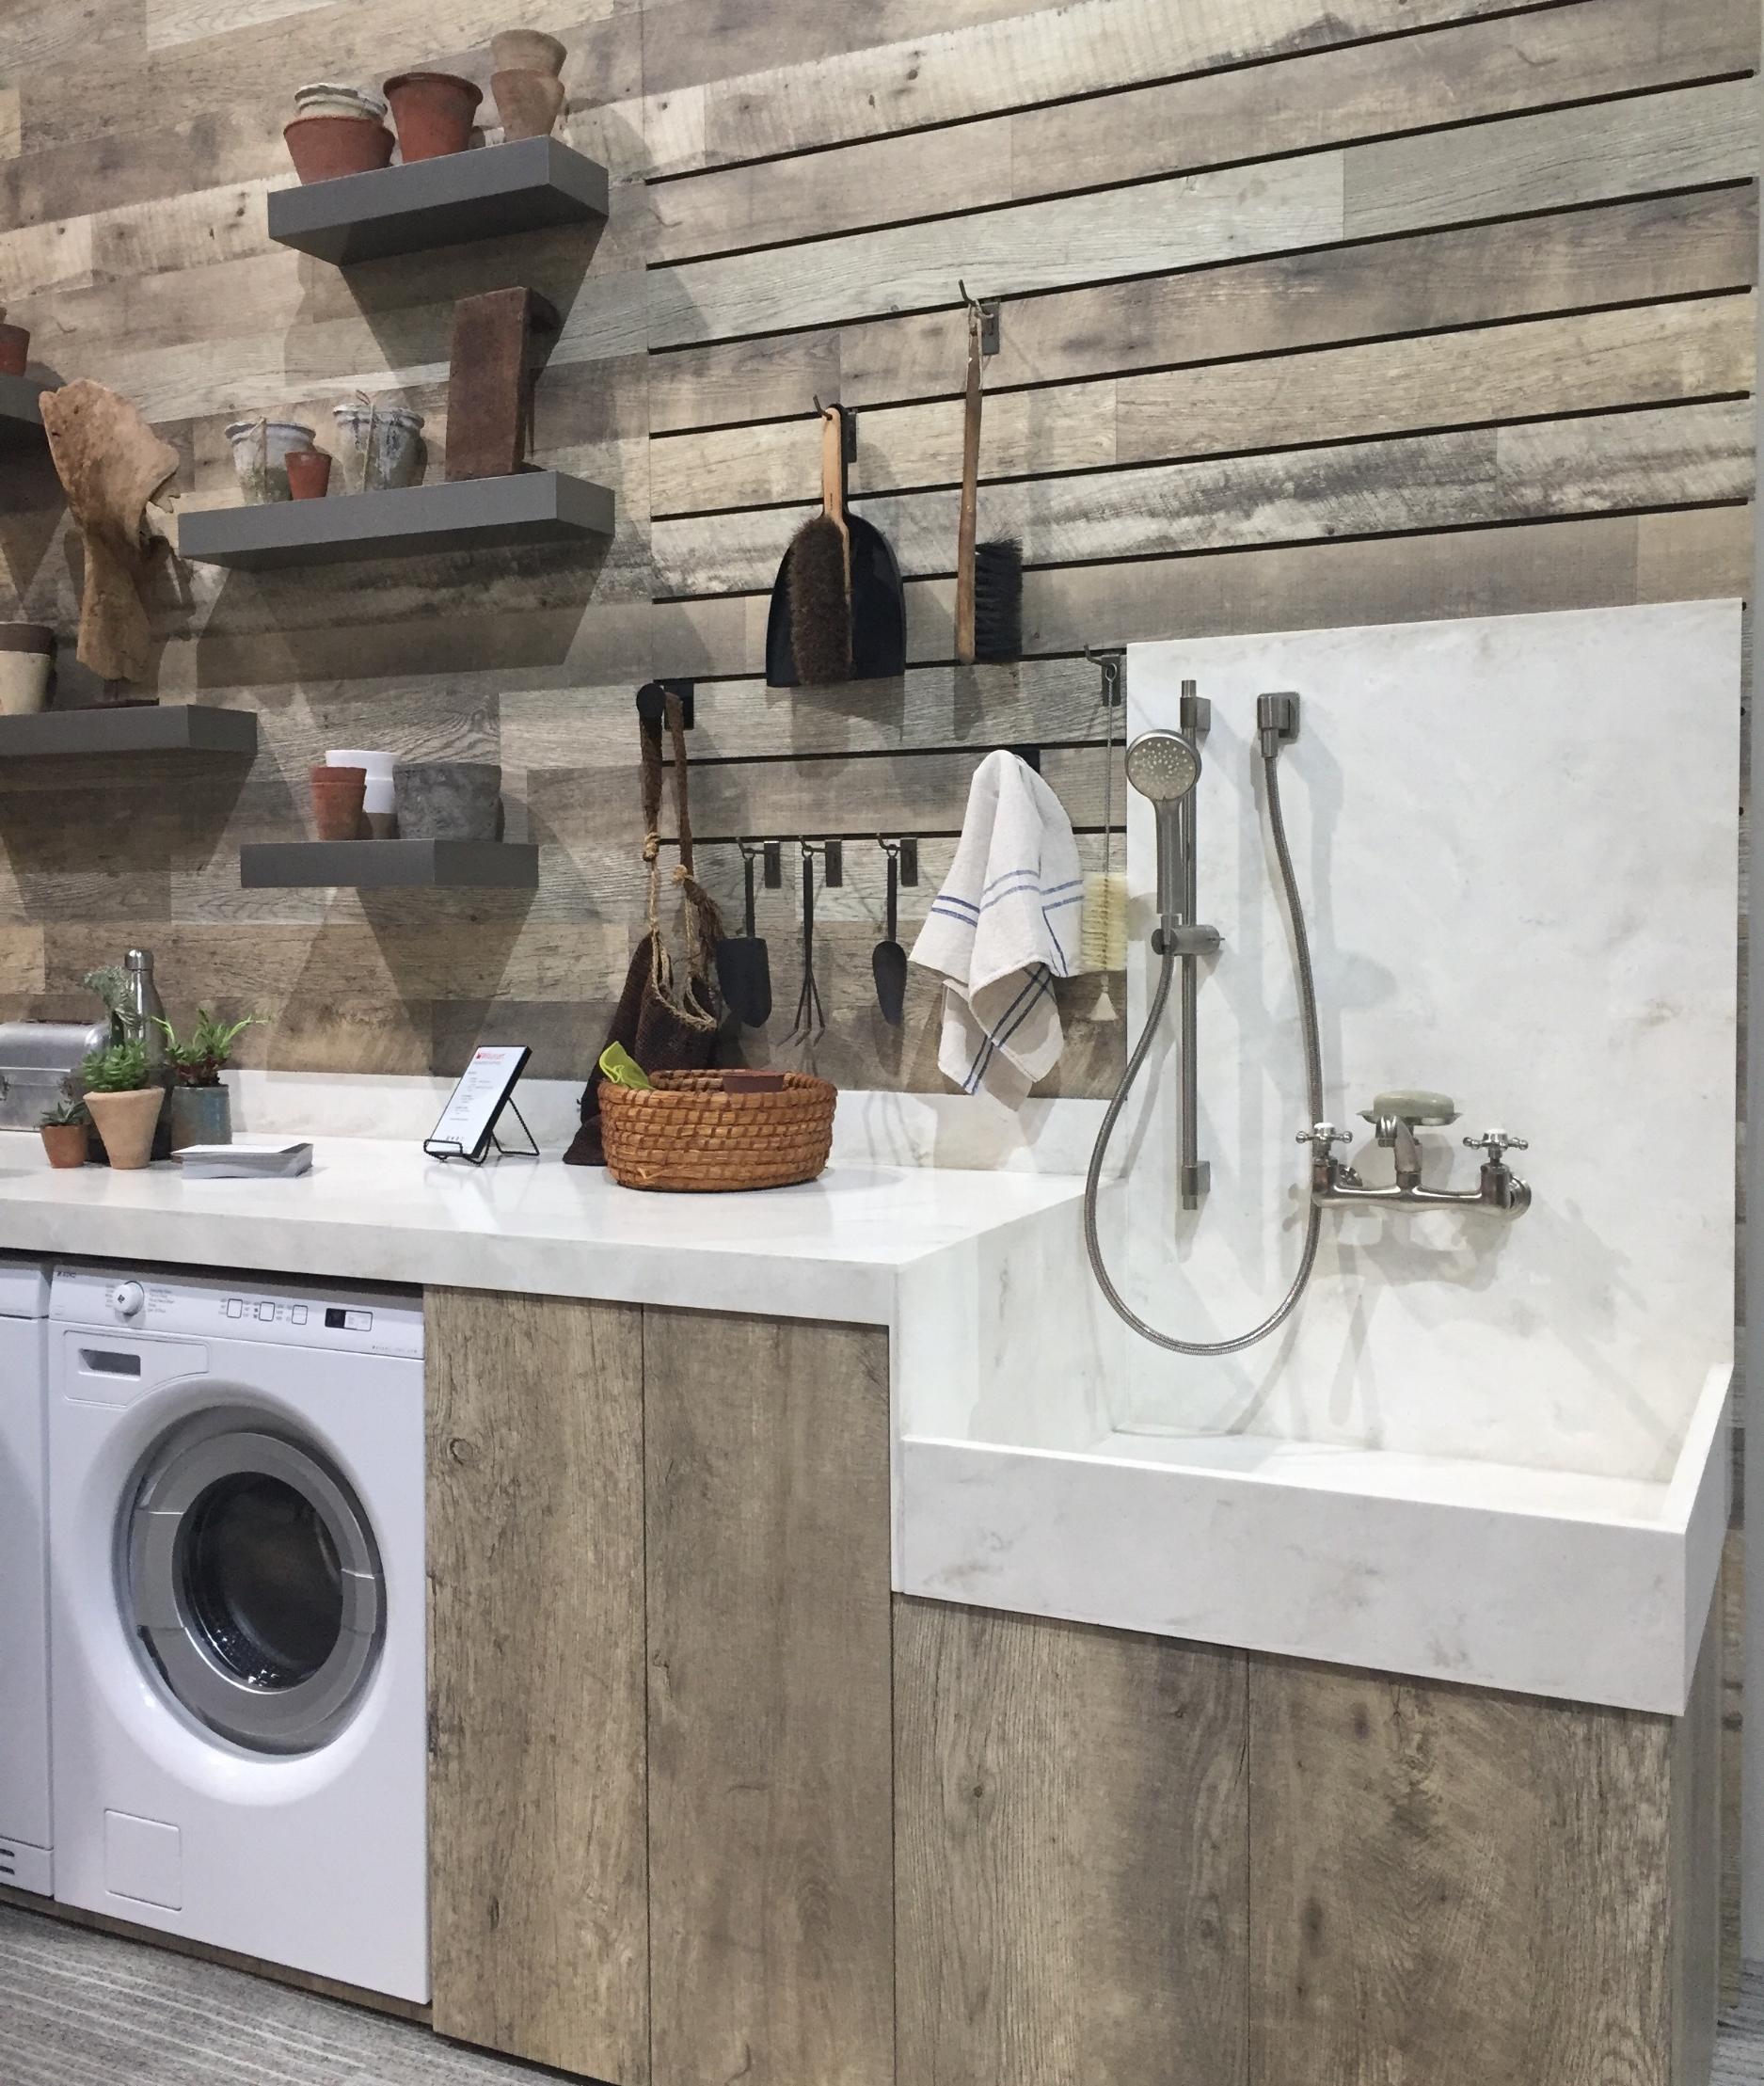 Wilsonart KBIS 2017 Sink